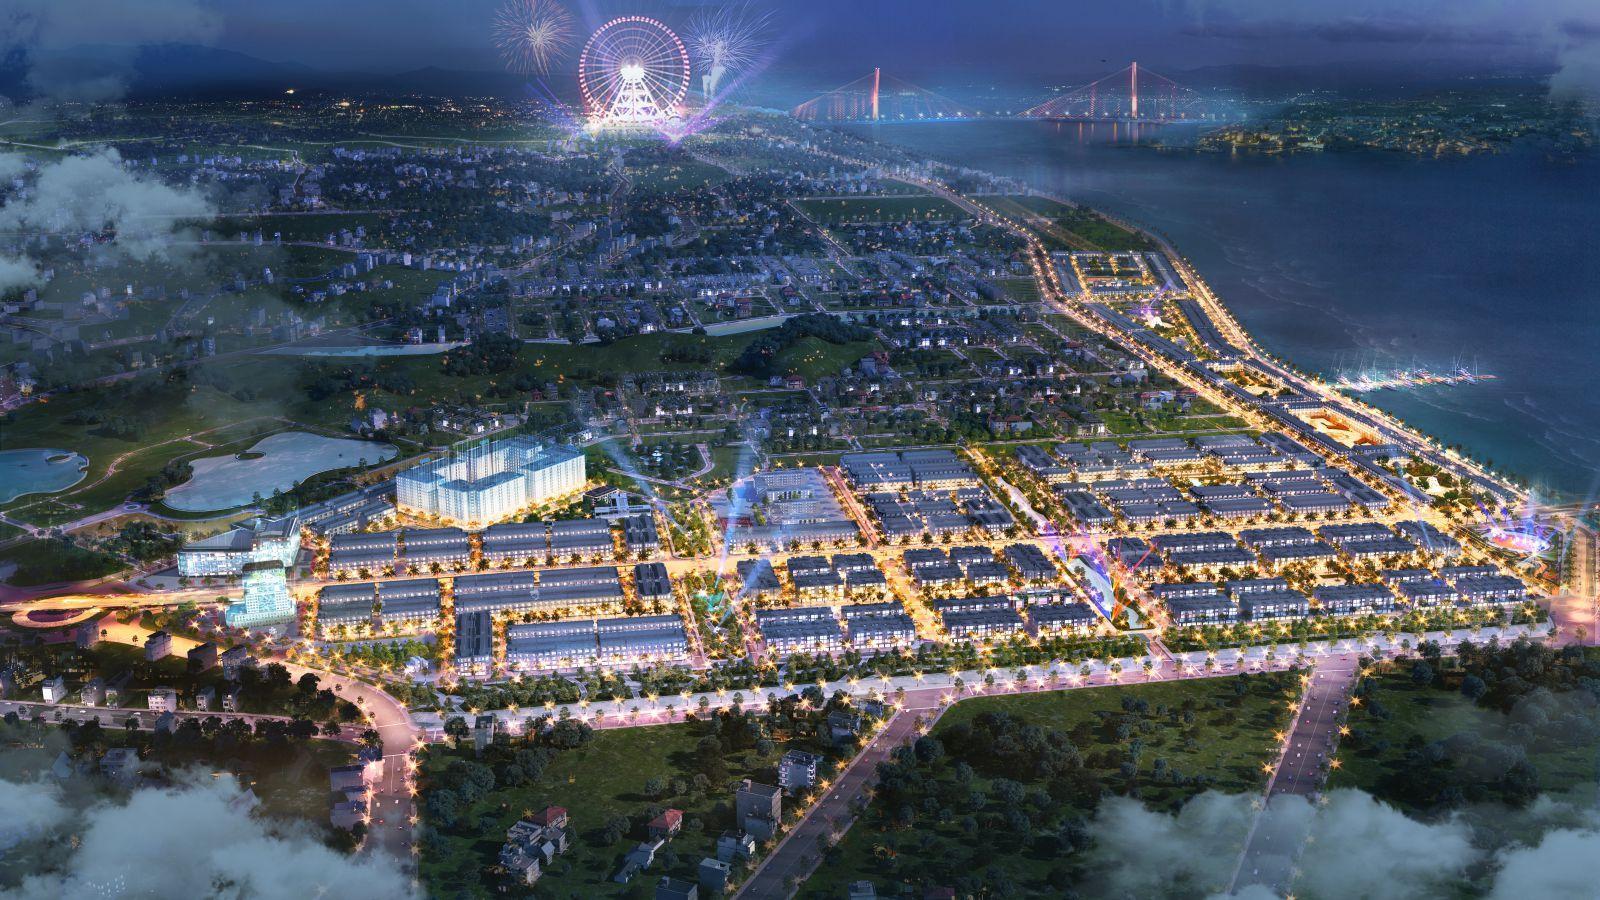 """Résultat de recherche d'images pour """"khu đô thị bậc nhất"""""""